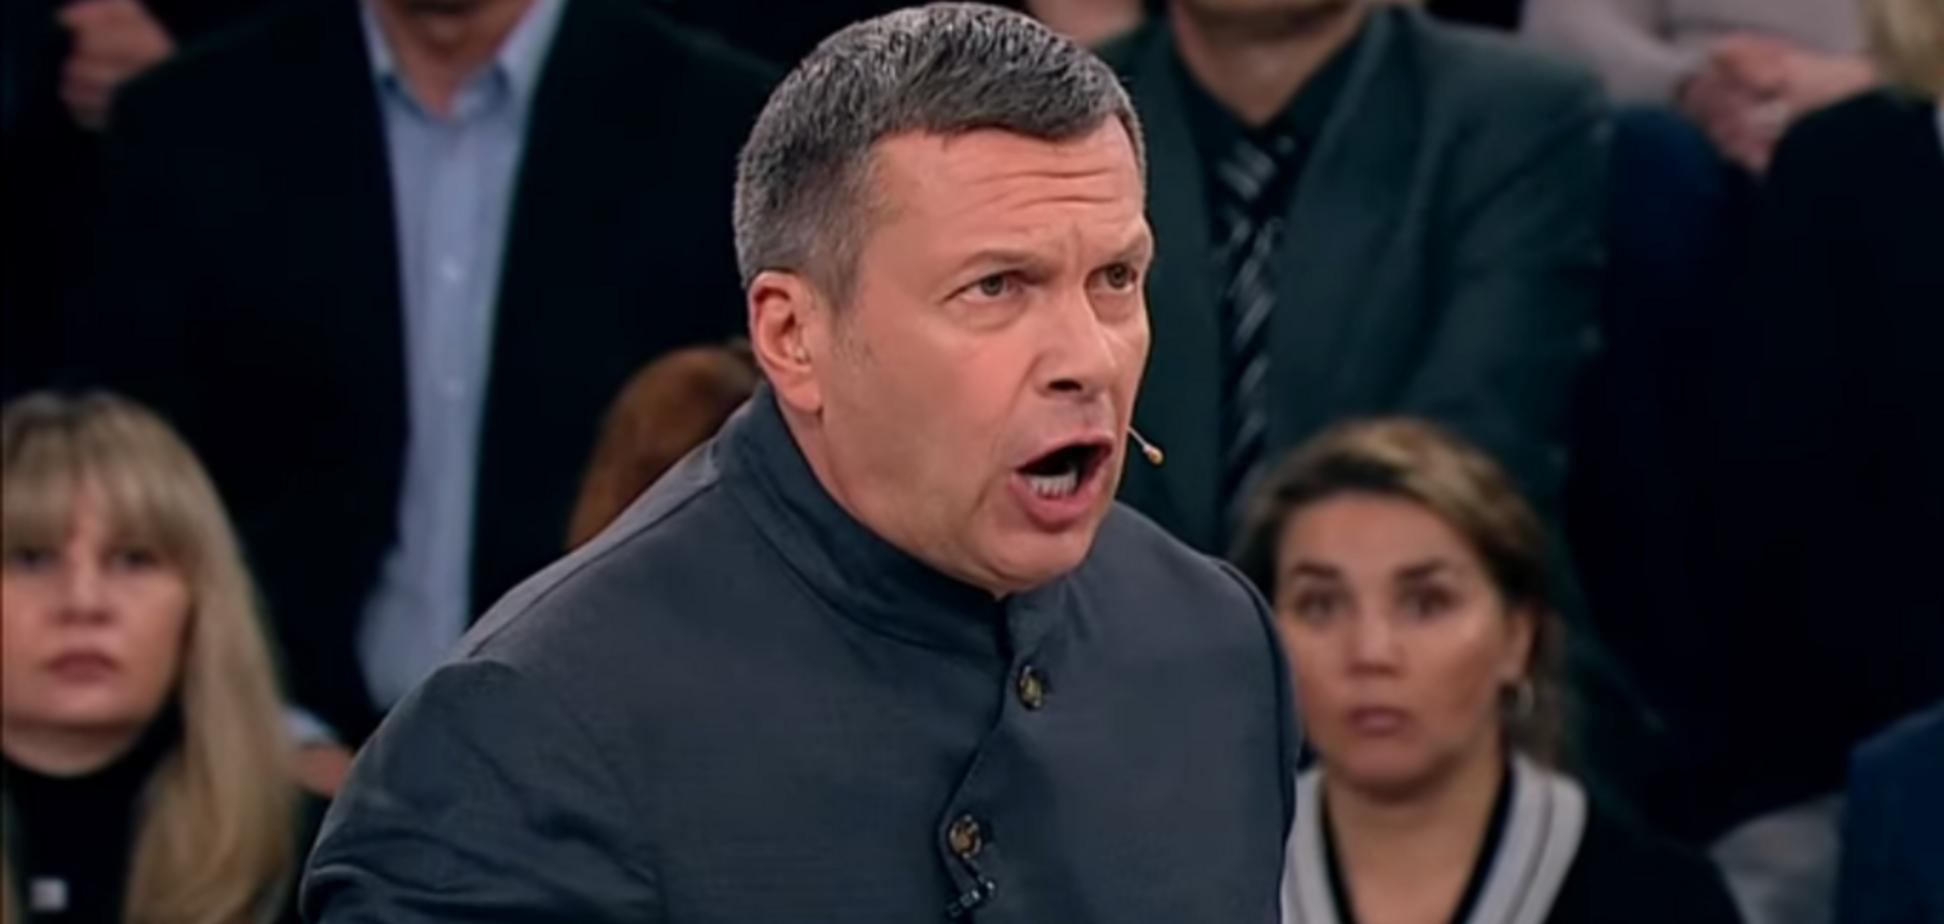 'Нацистська сволота!' Соловйов з істерикою вигнав українця з ефіру через Бандеру